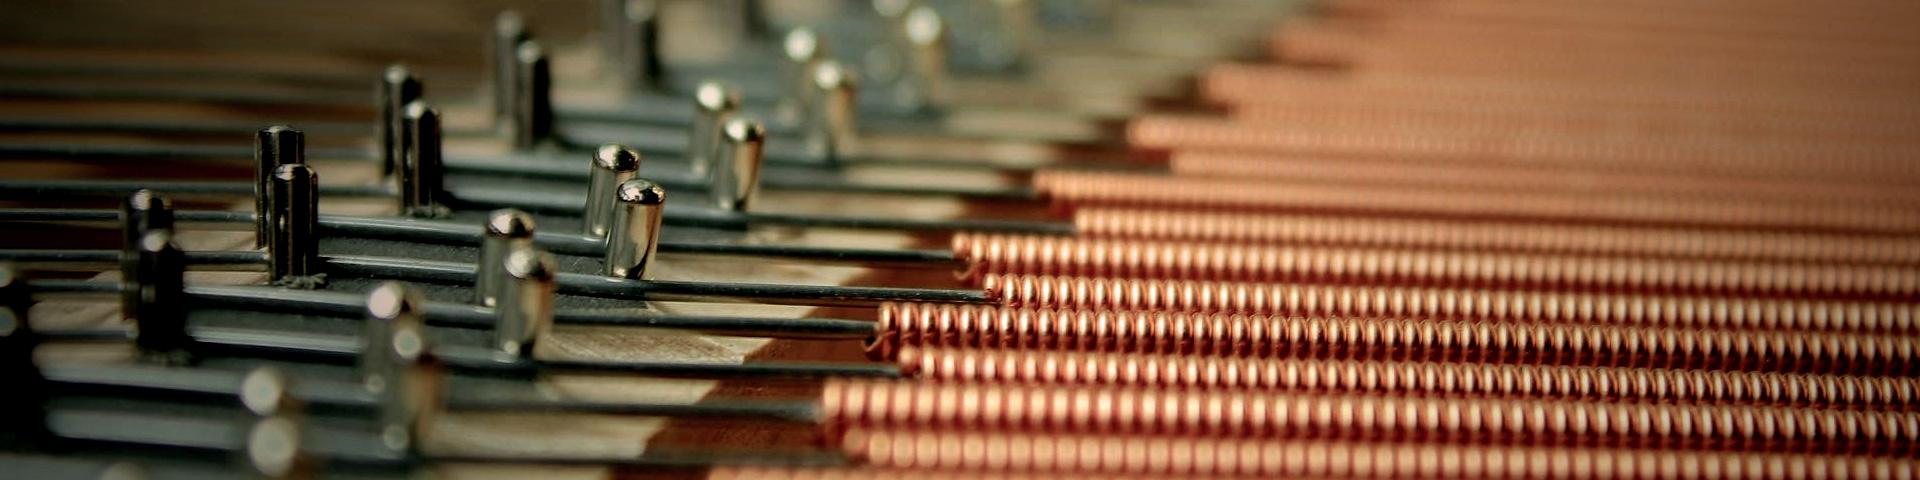 三和弦钢琴调律维修工作室